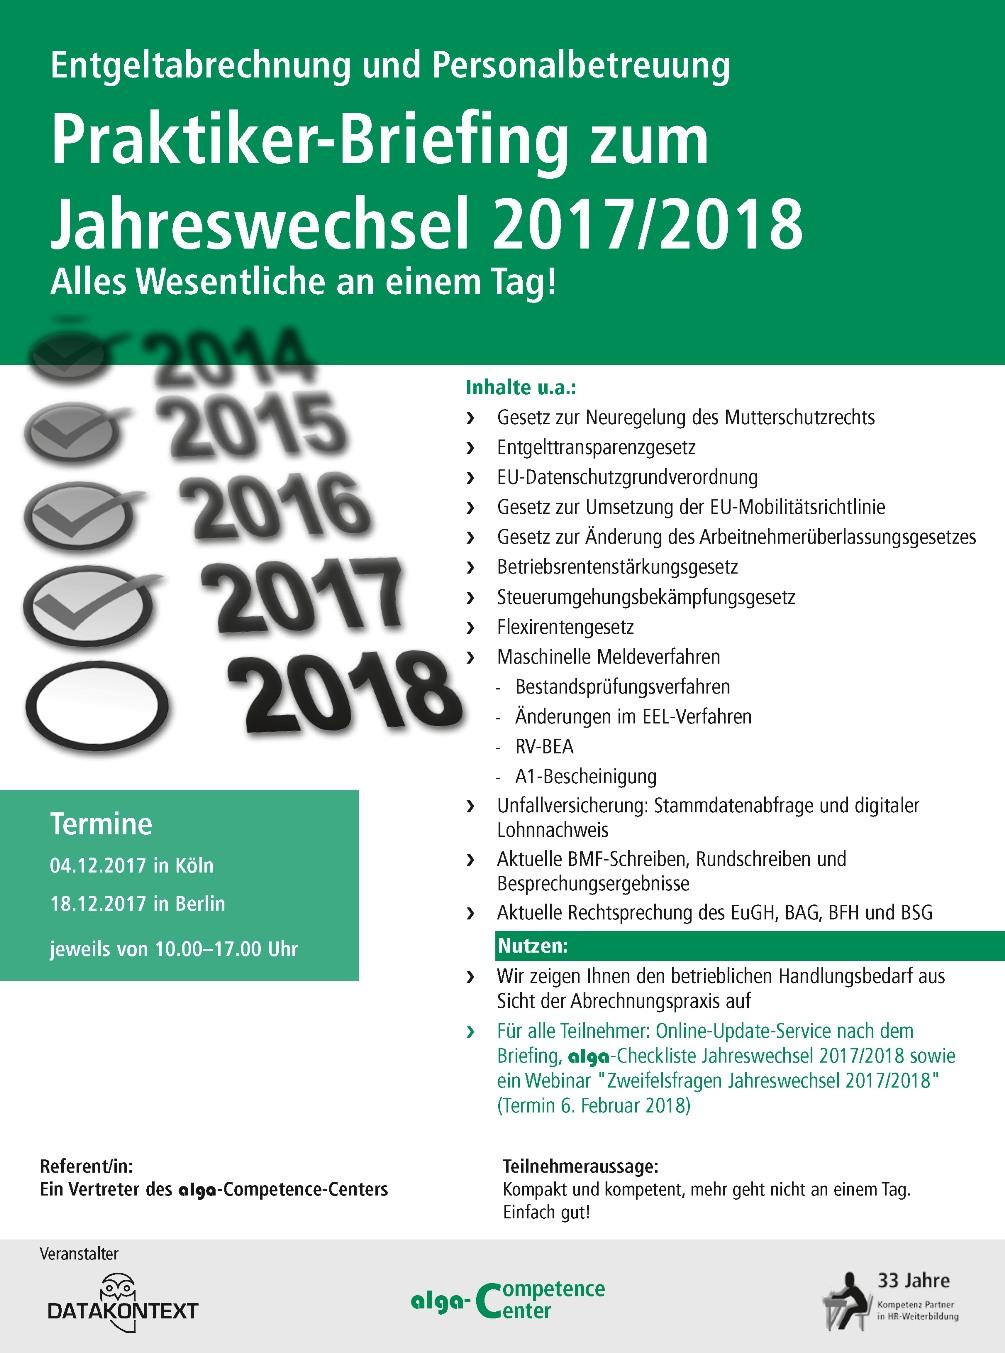 Praktiker-Briefing zum Jahreswechsel 2017/2018